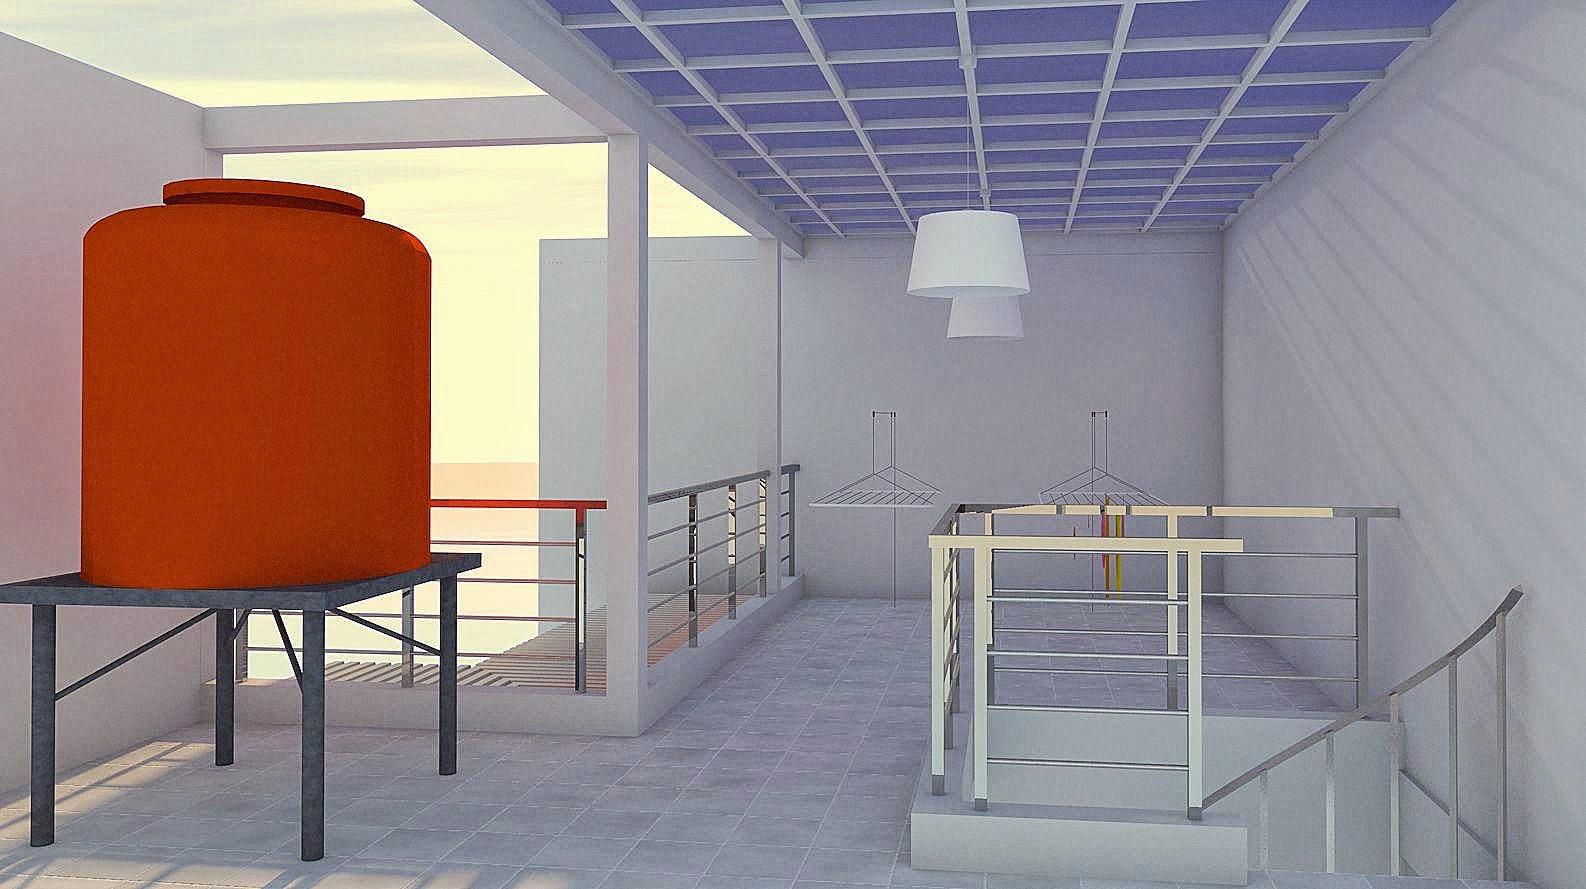 Desain Dapur Dan Tempat Jemuran Minimalis  Arsihome